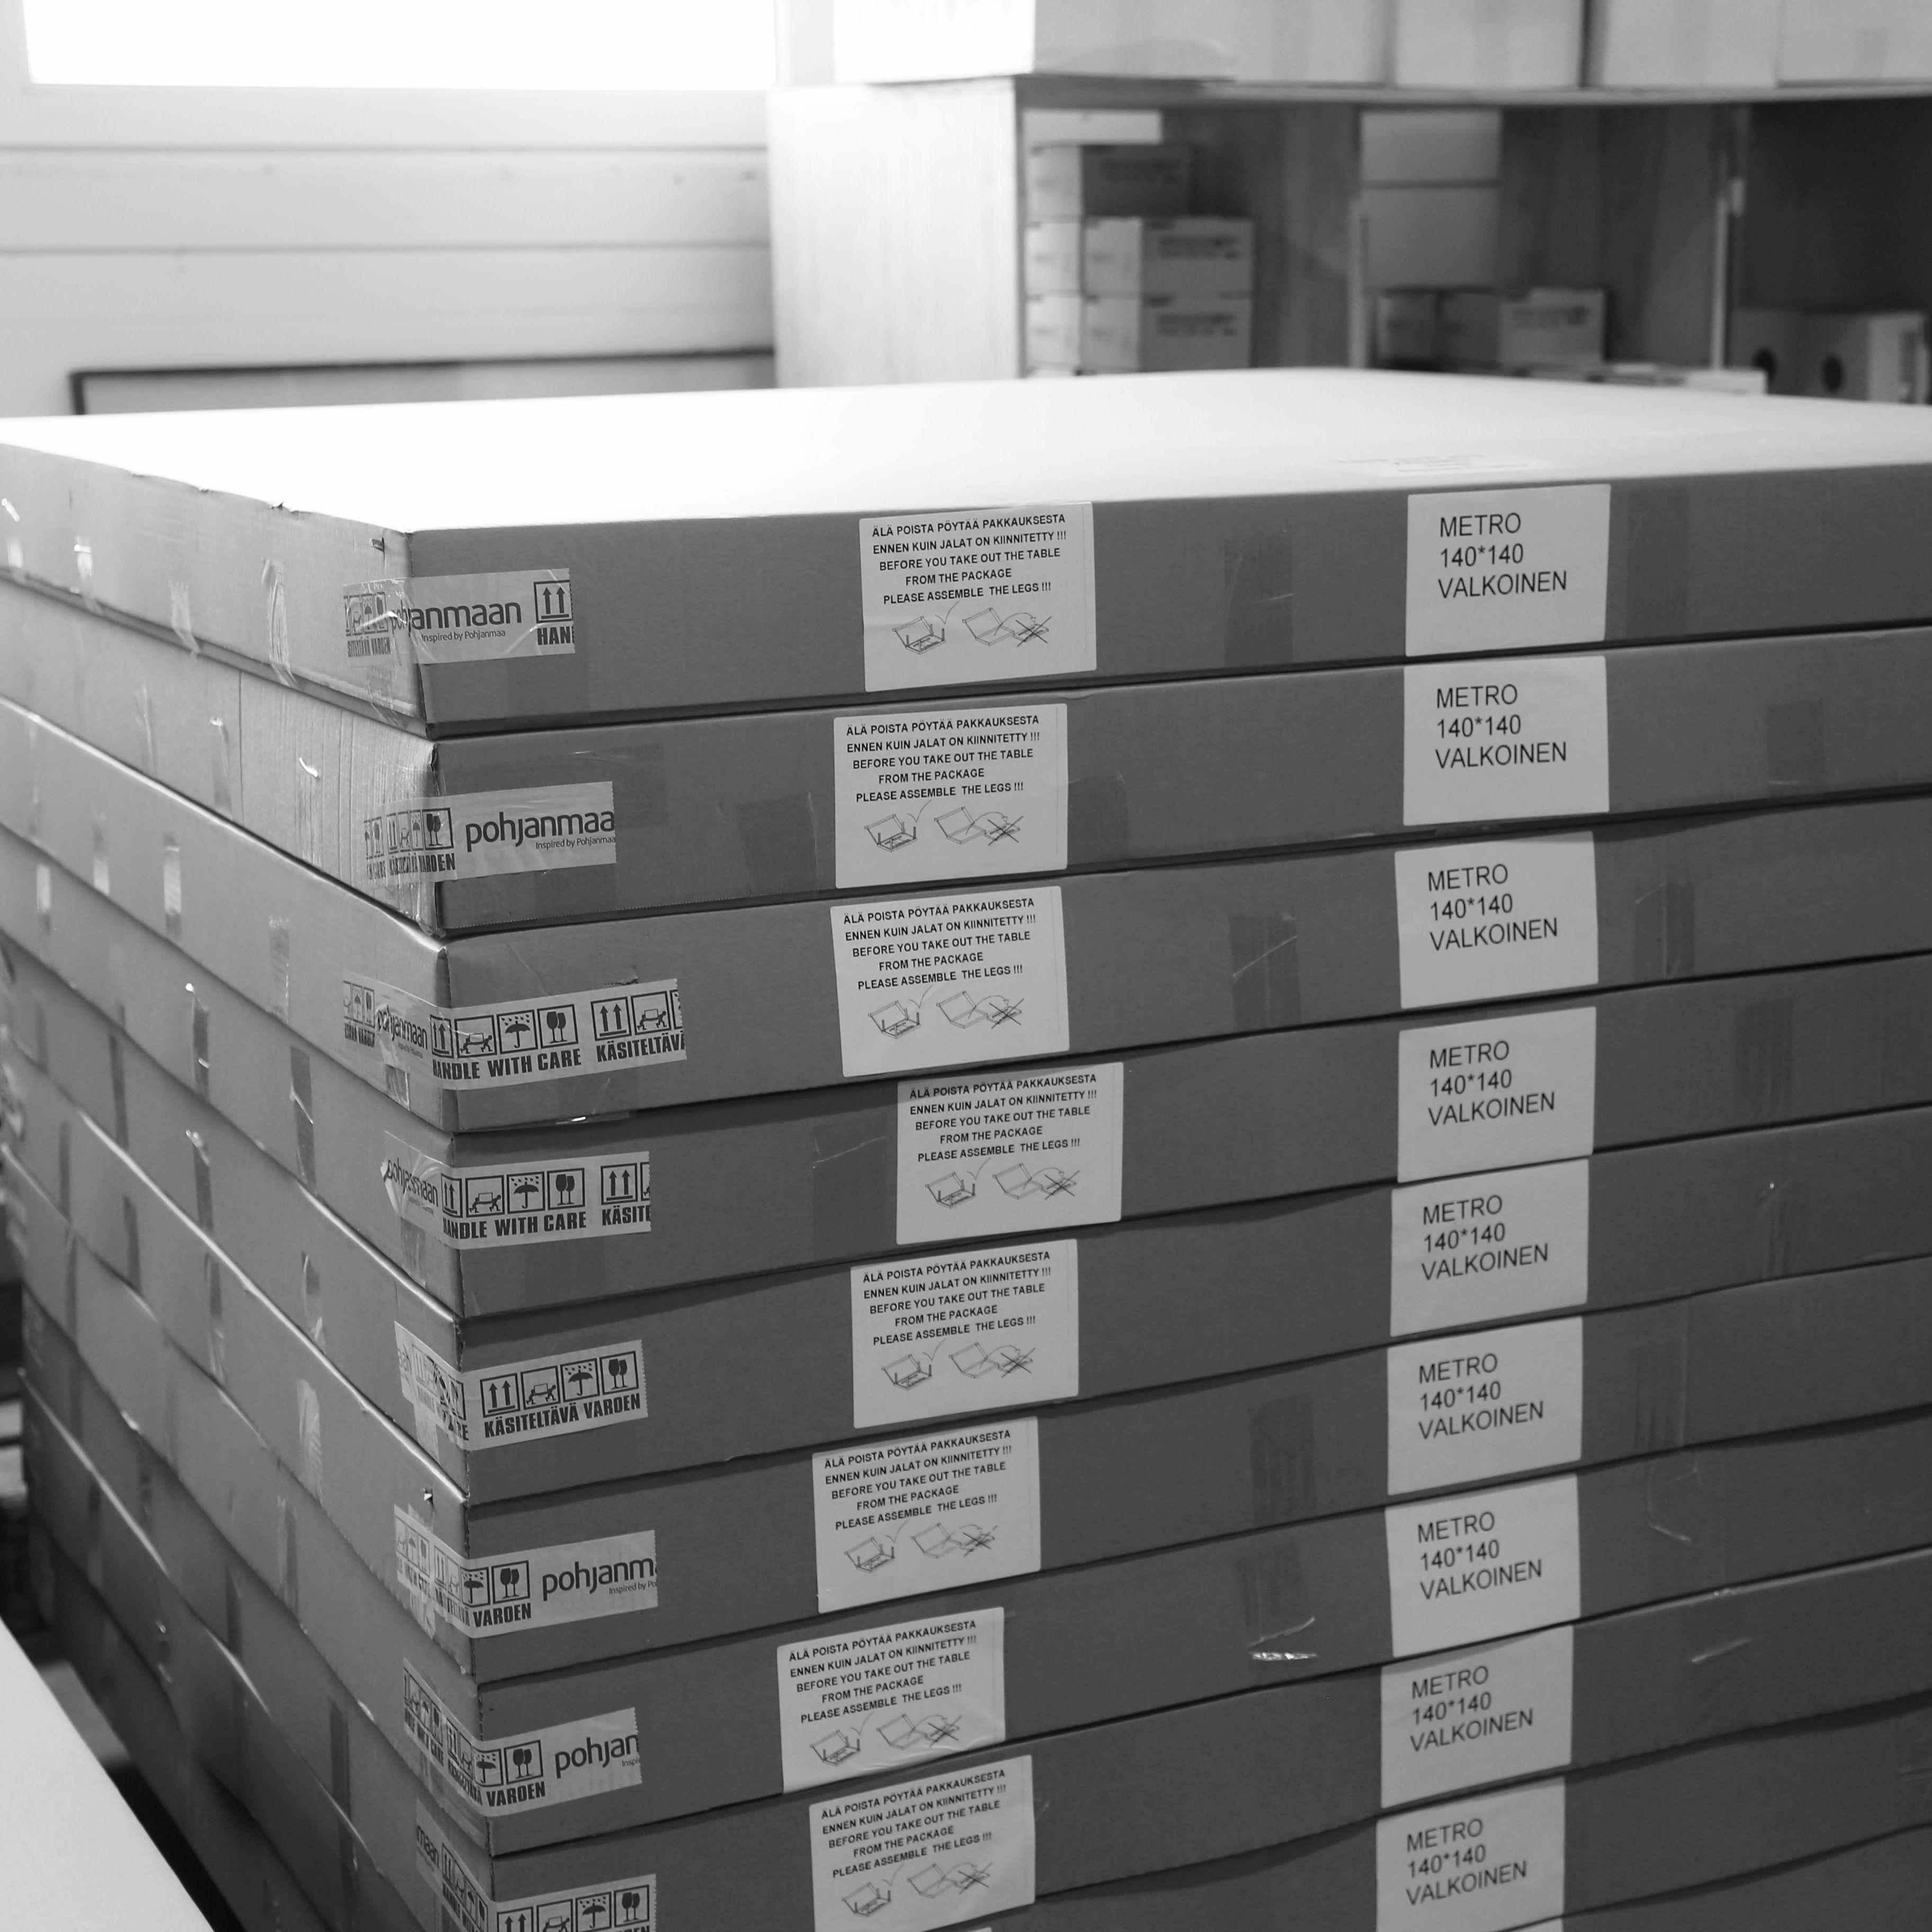 Työvaihe: Metro-pöydät valmiina lähtöön! | Craft: Metro tables ready to go! Tuotantolinja: Pöydät | Production line: Dining   #pohjanmaan #pohjanmaankaluste #käsintehty